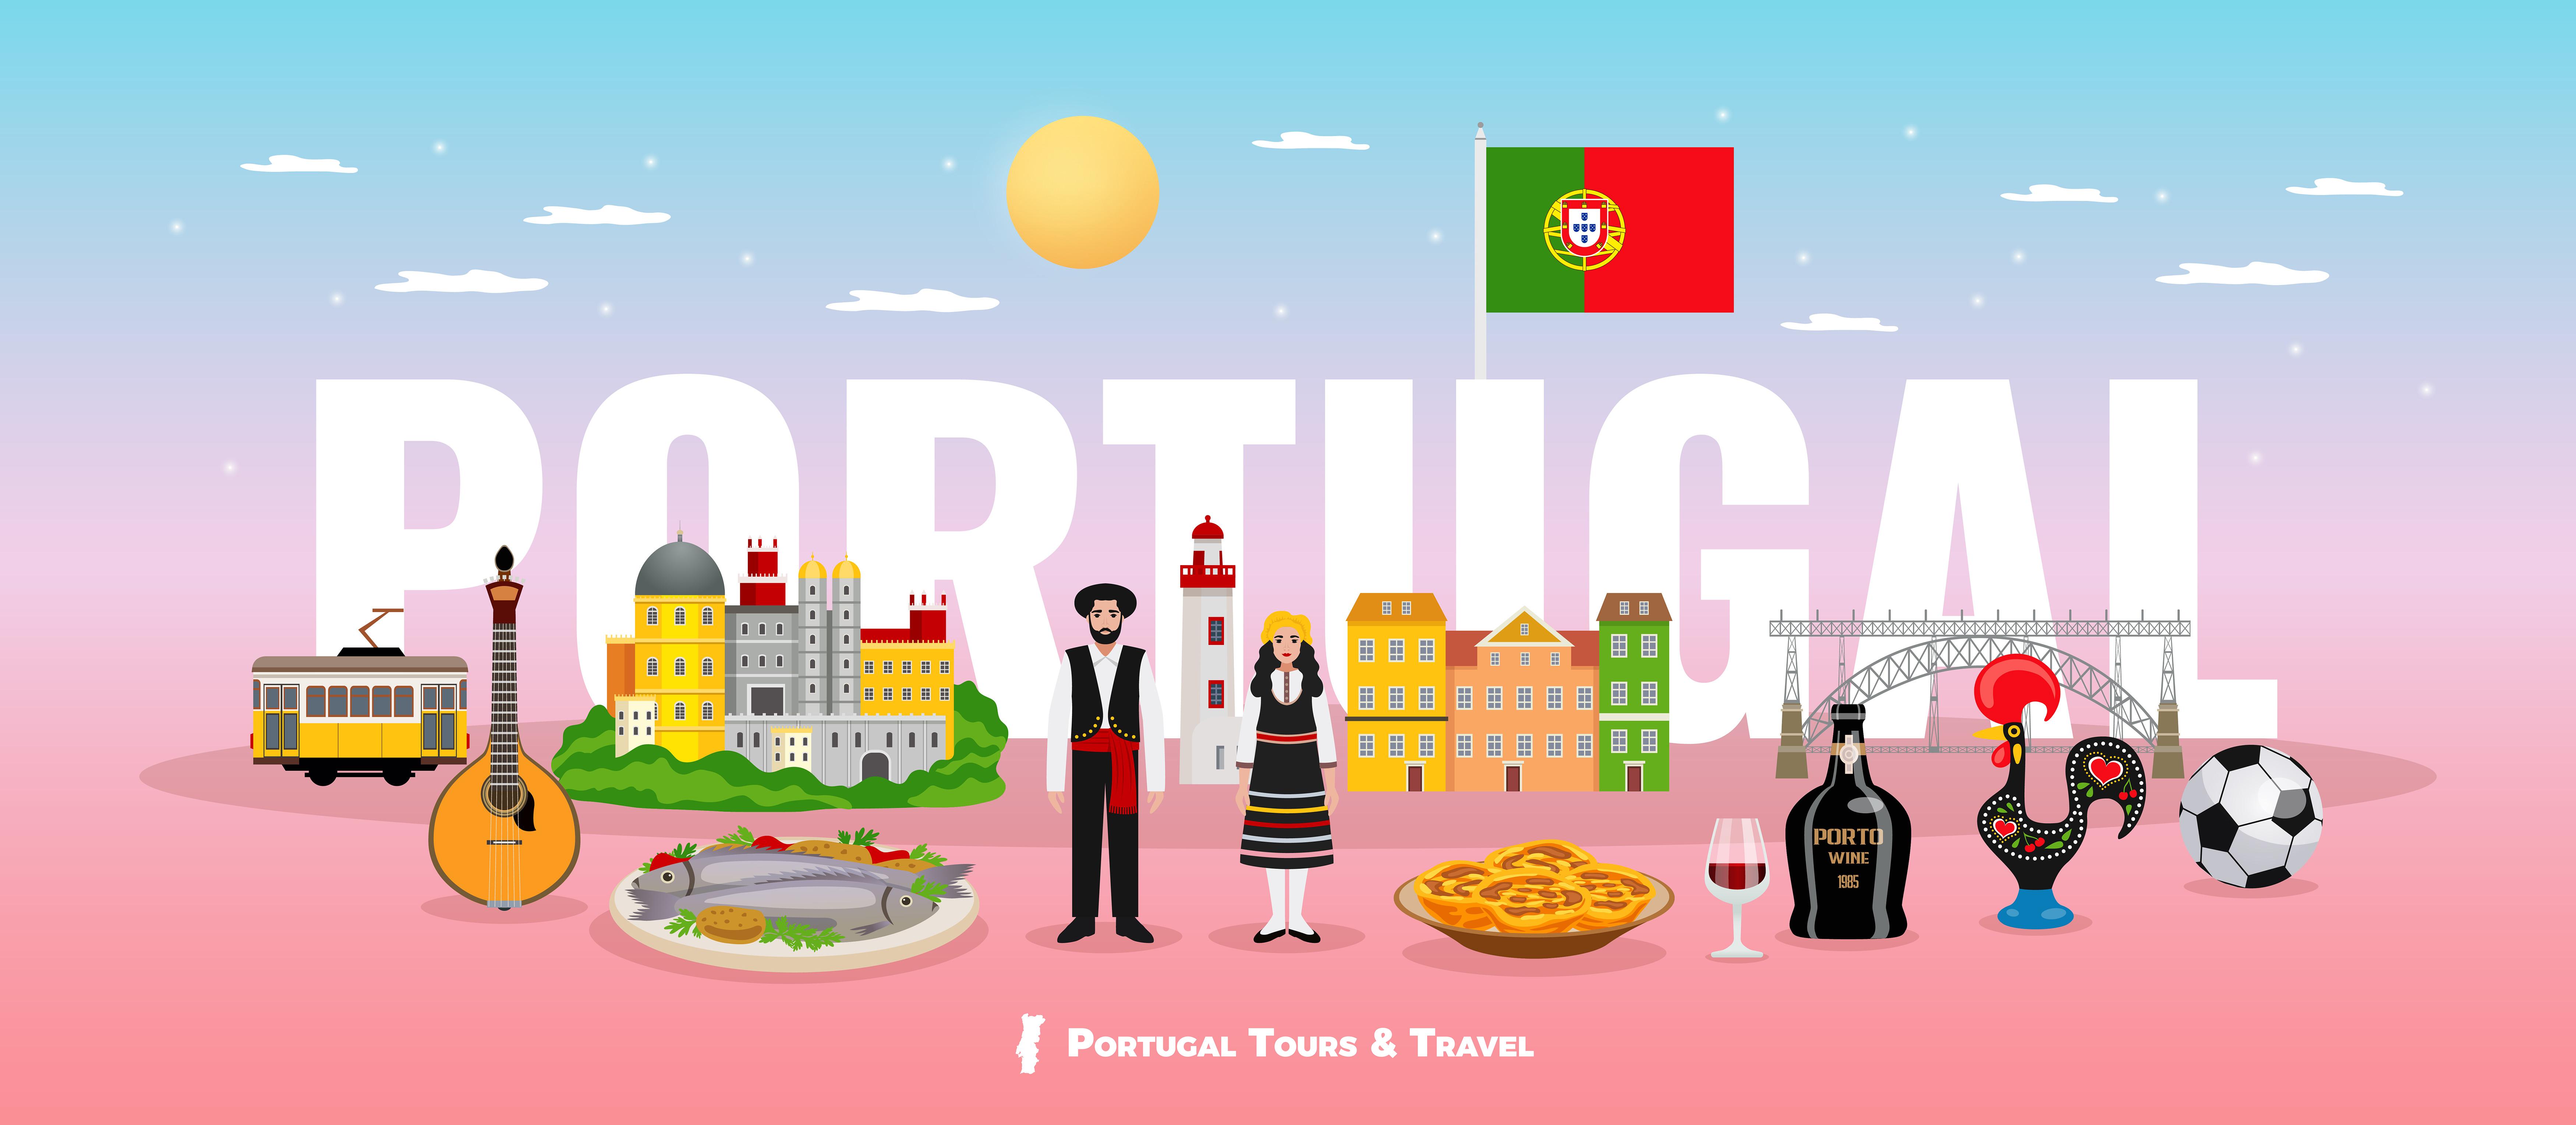 Vinhos portugueses têm o turismo como forte aliado para crescimento significativo